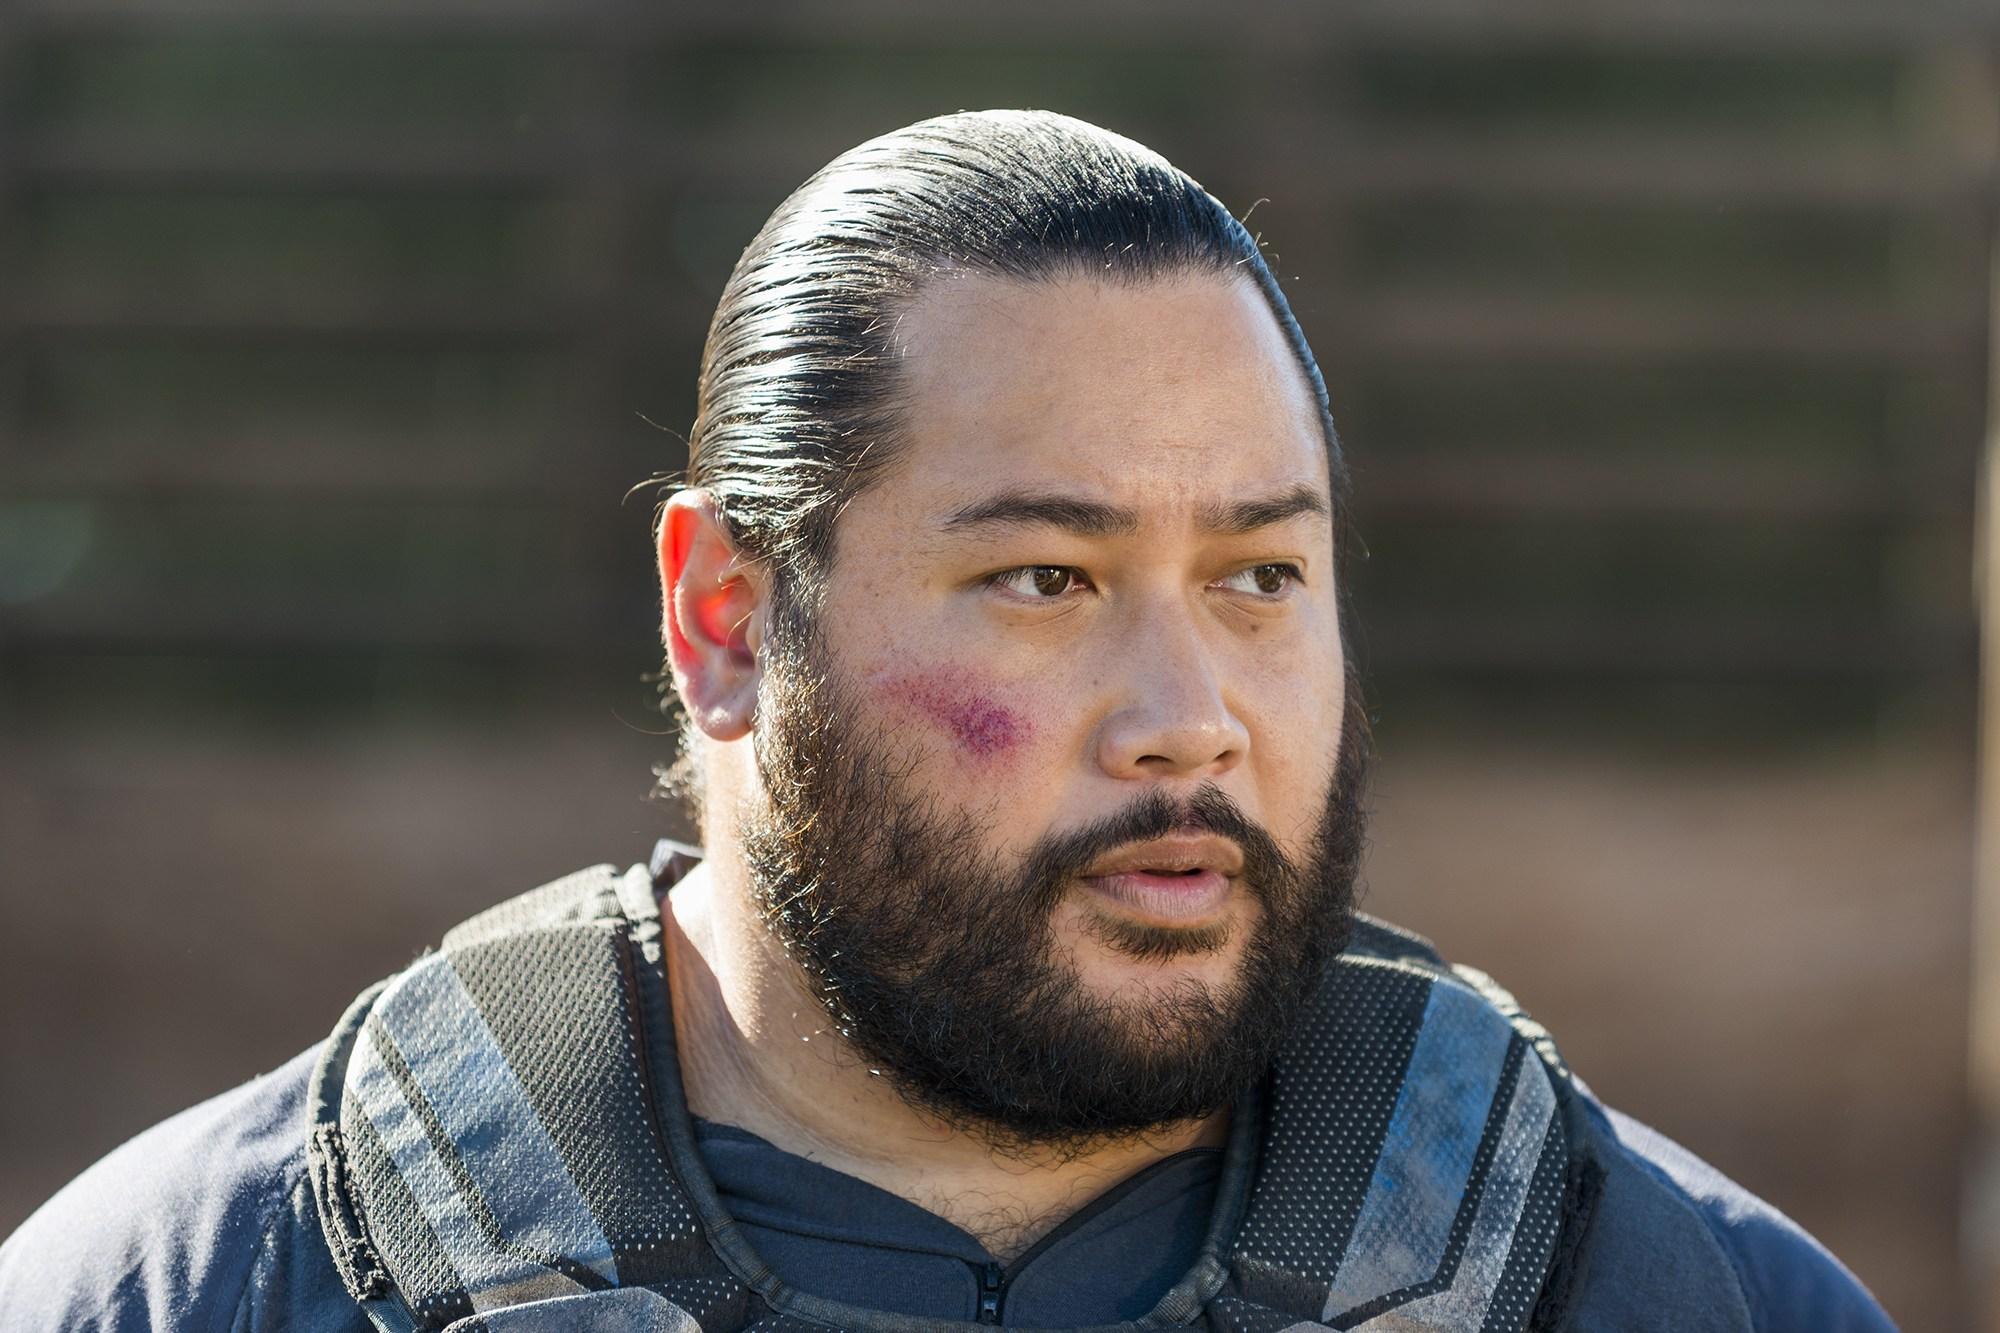 Jerry in The Walking Dead